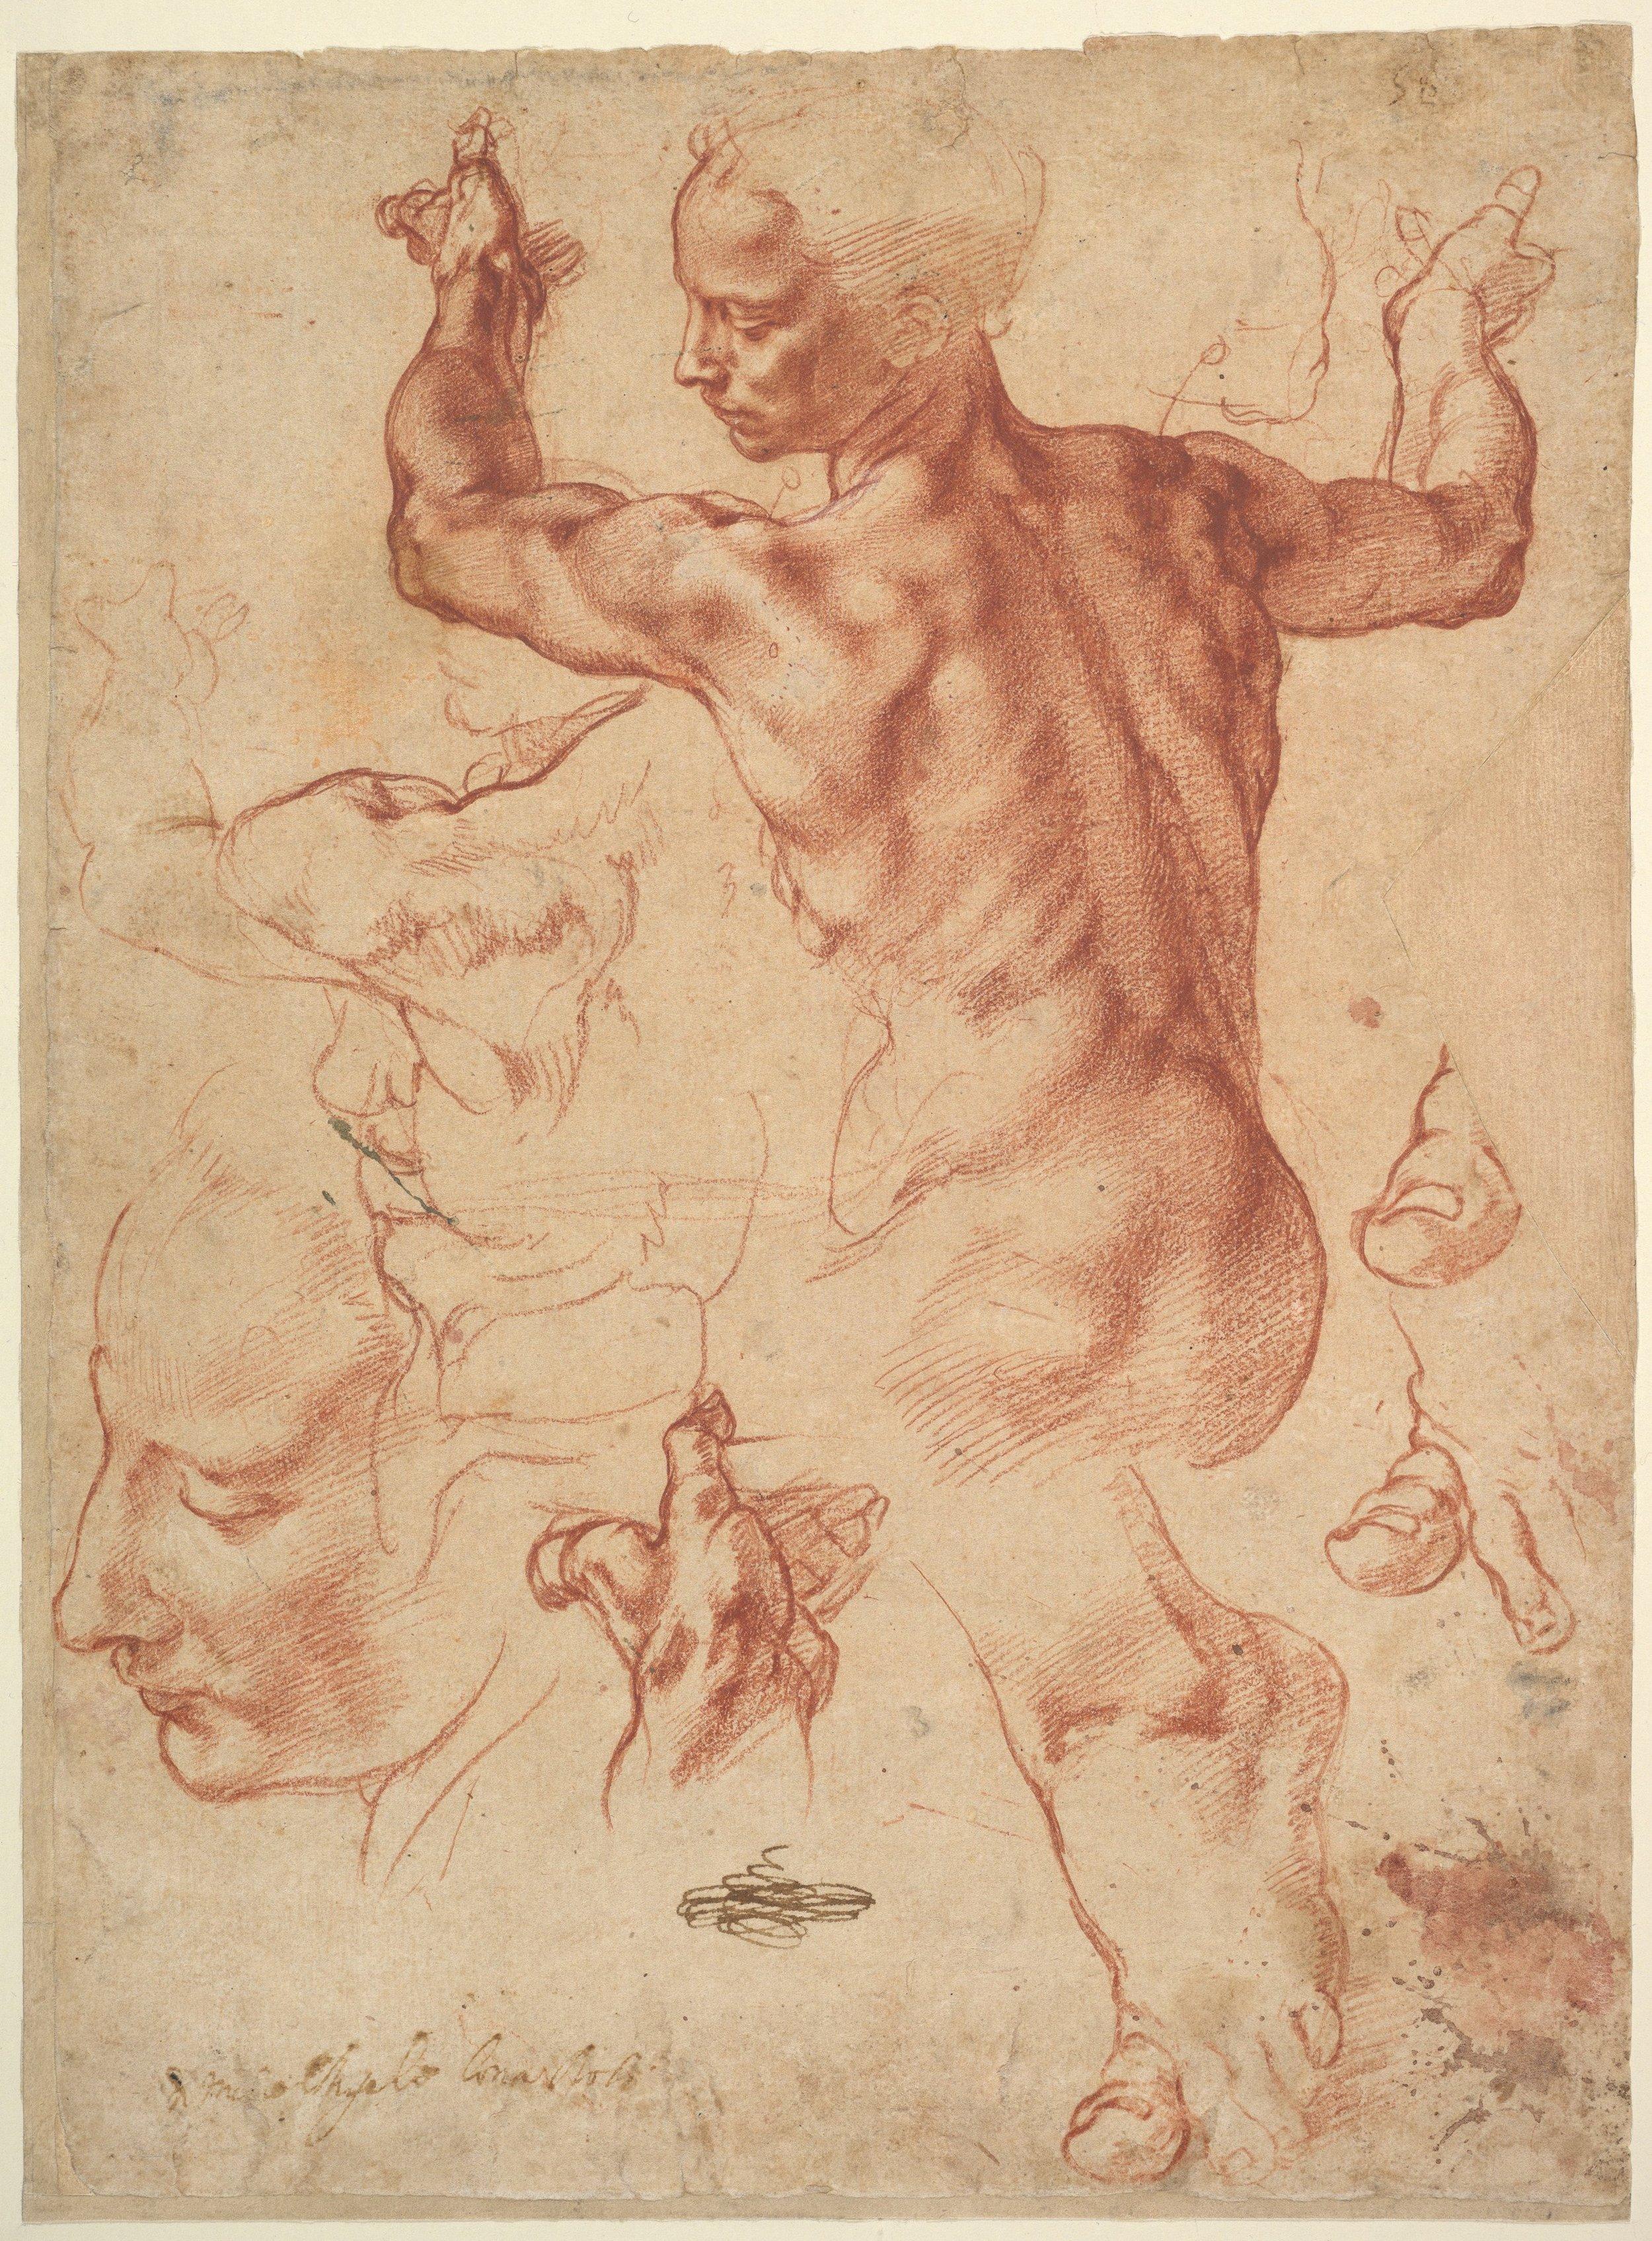 MIchelangelo figure studies, collection of the Metropolitan Museum of Art.